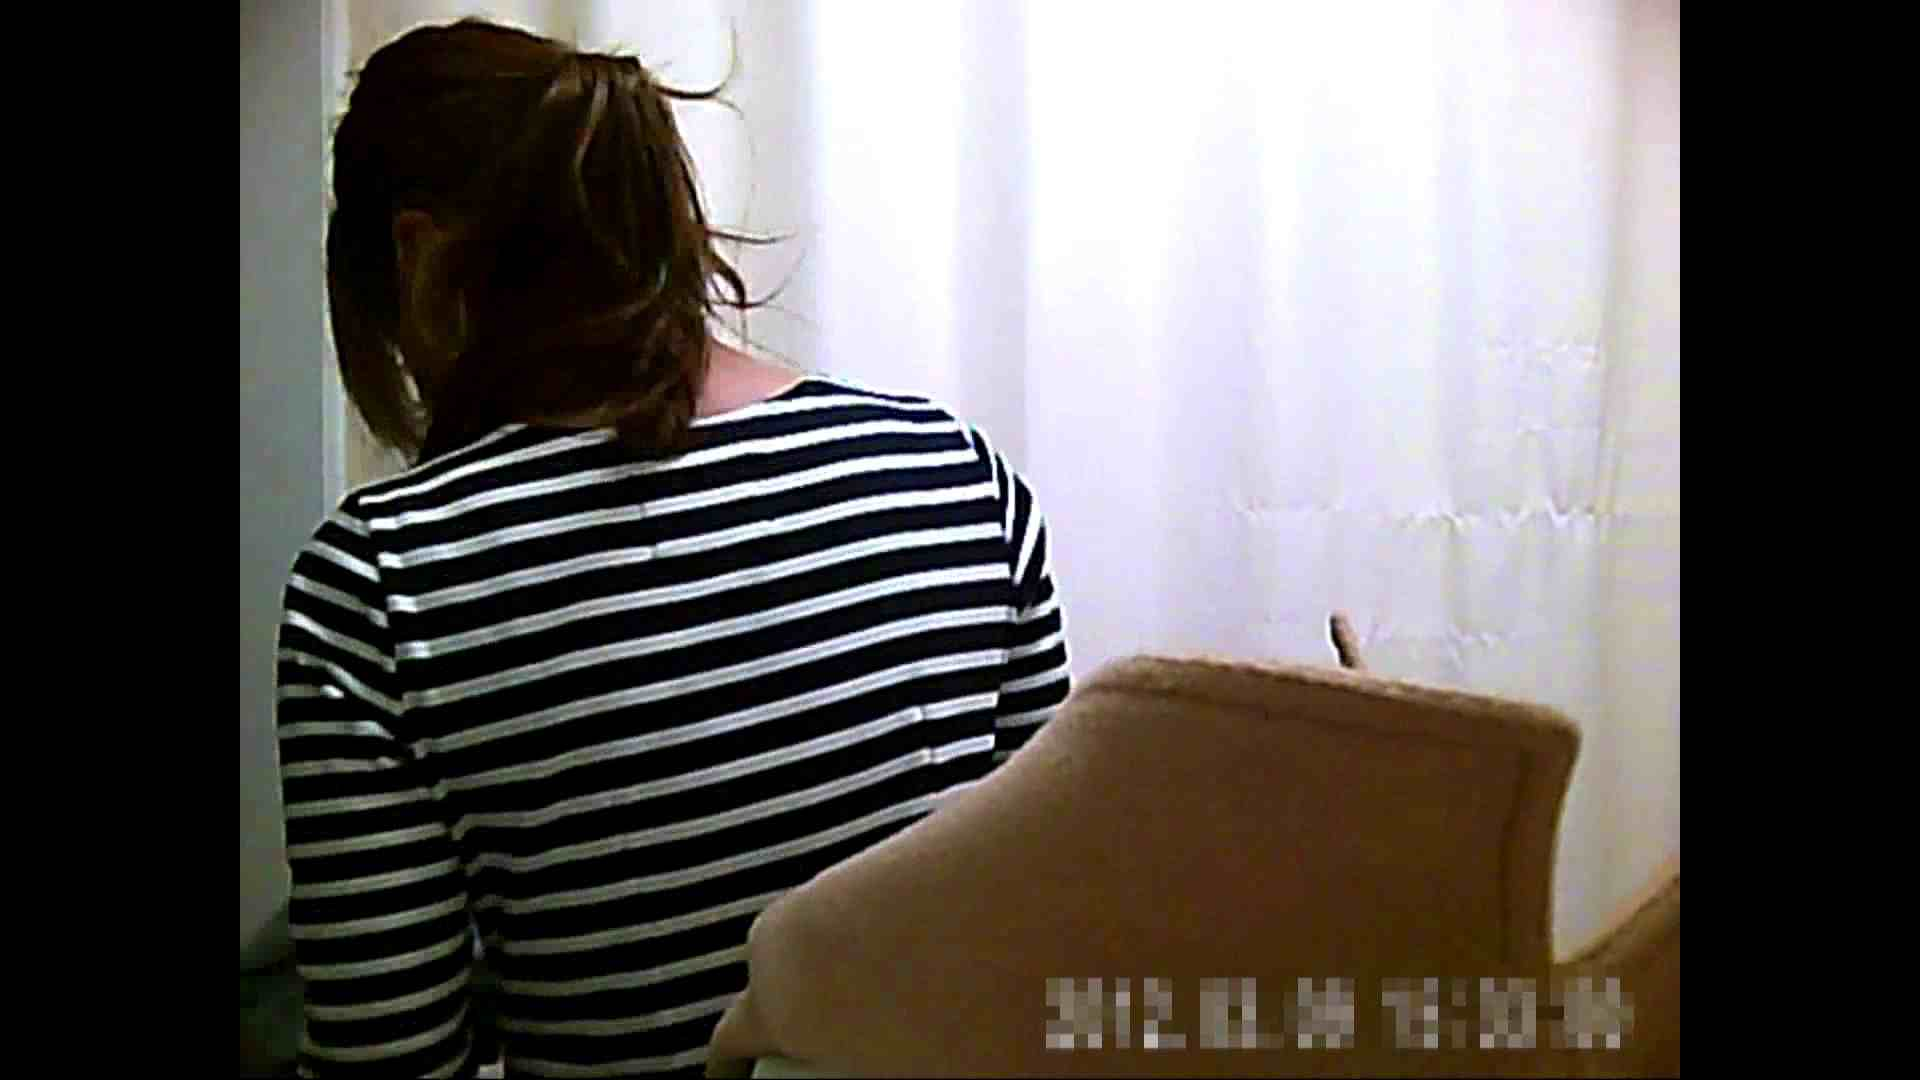 病院おもいっきり着替え! vol.266 乳首 のぞき動画画像 68PIX 52